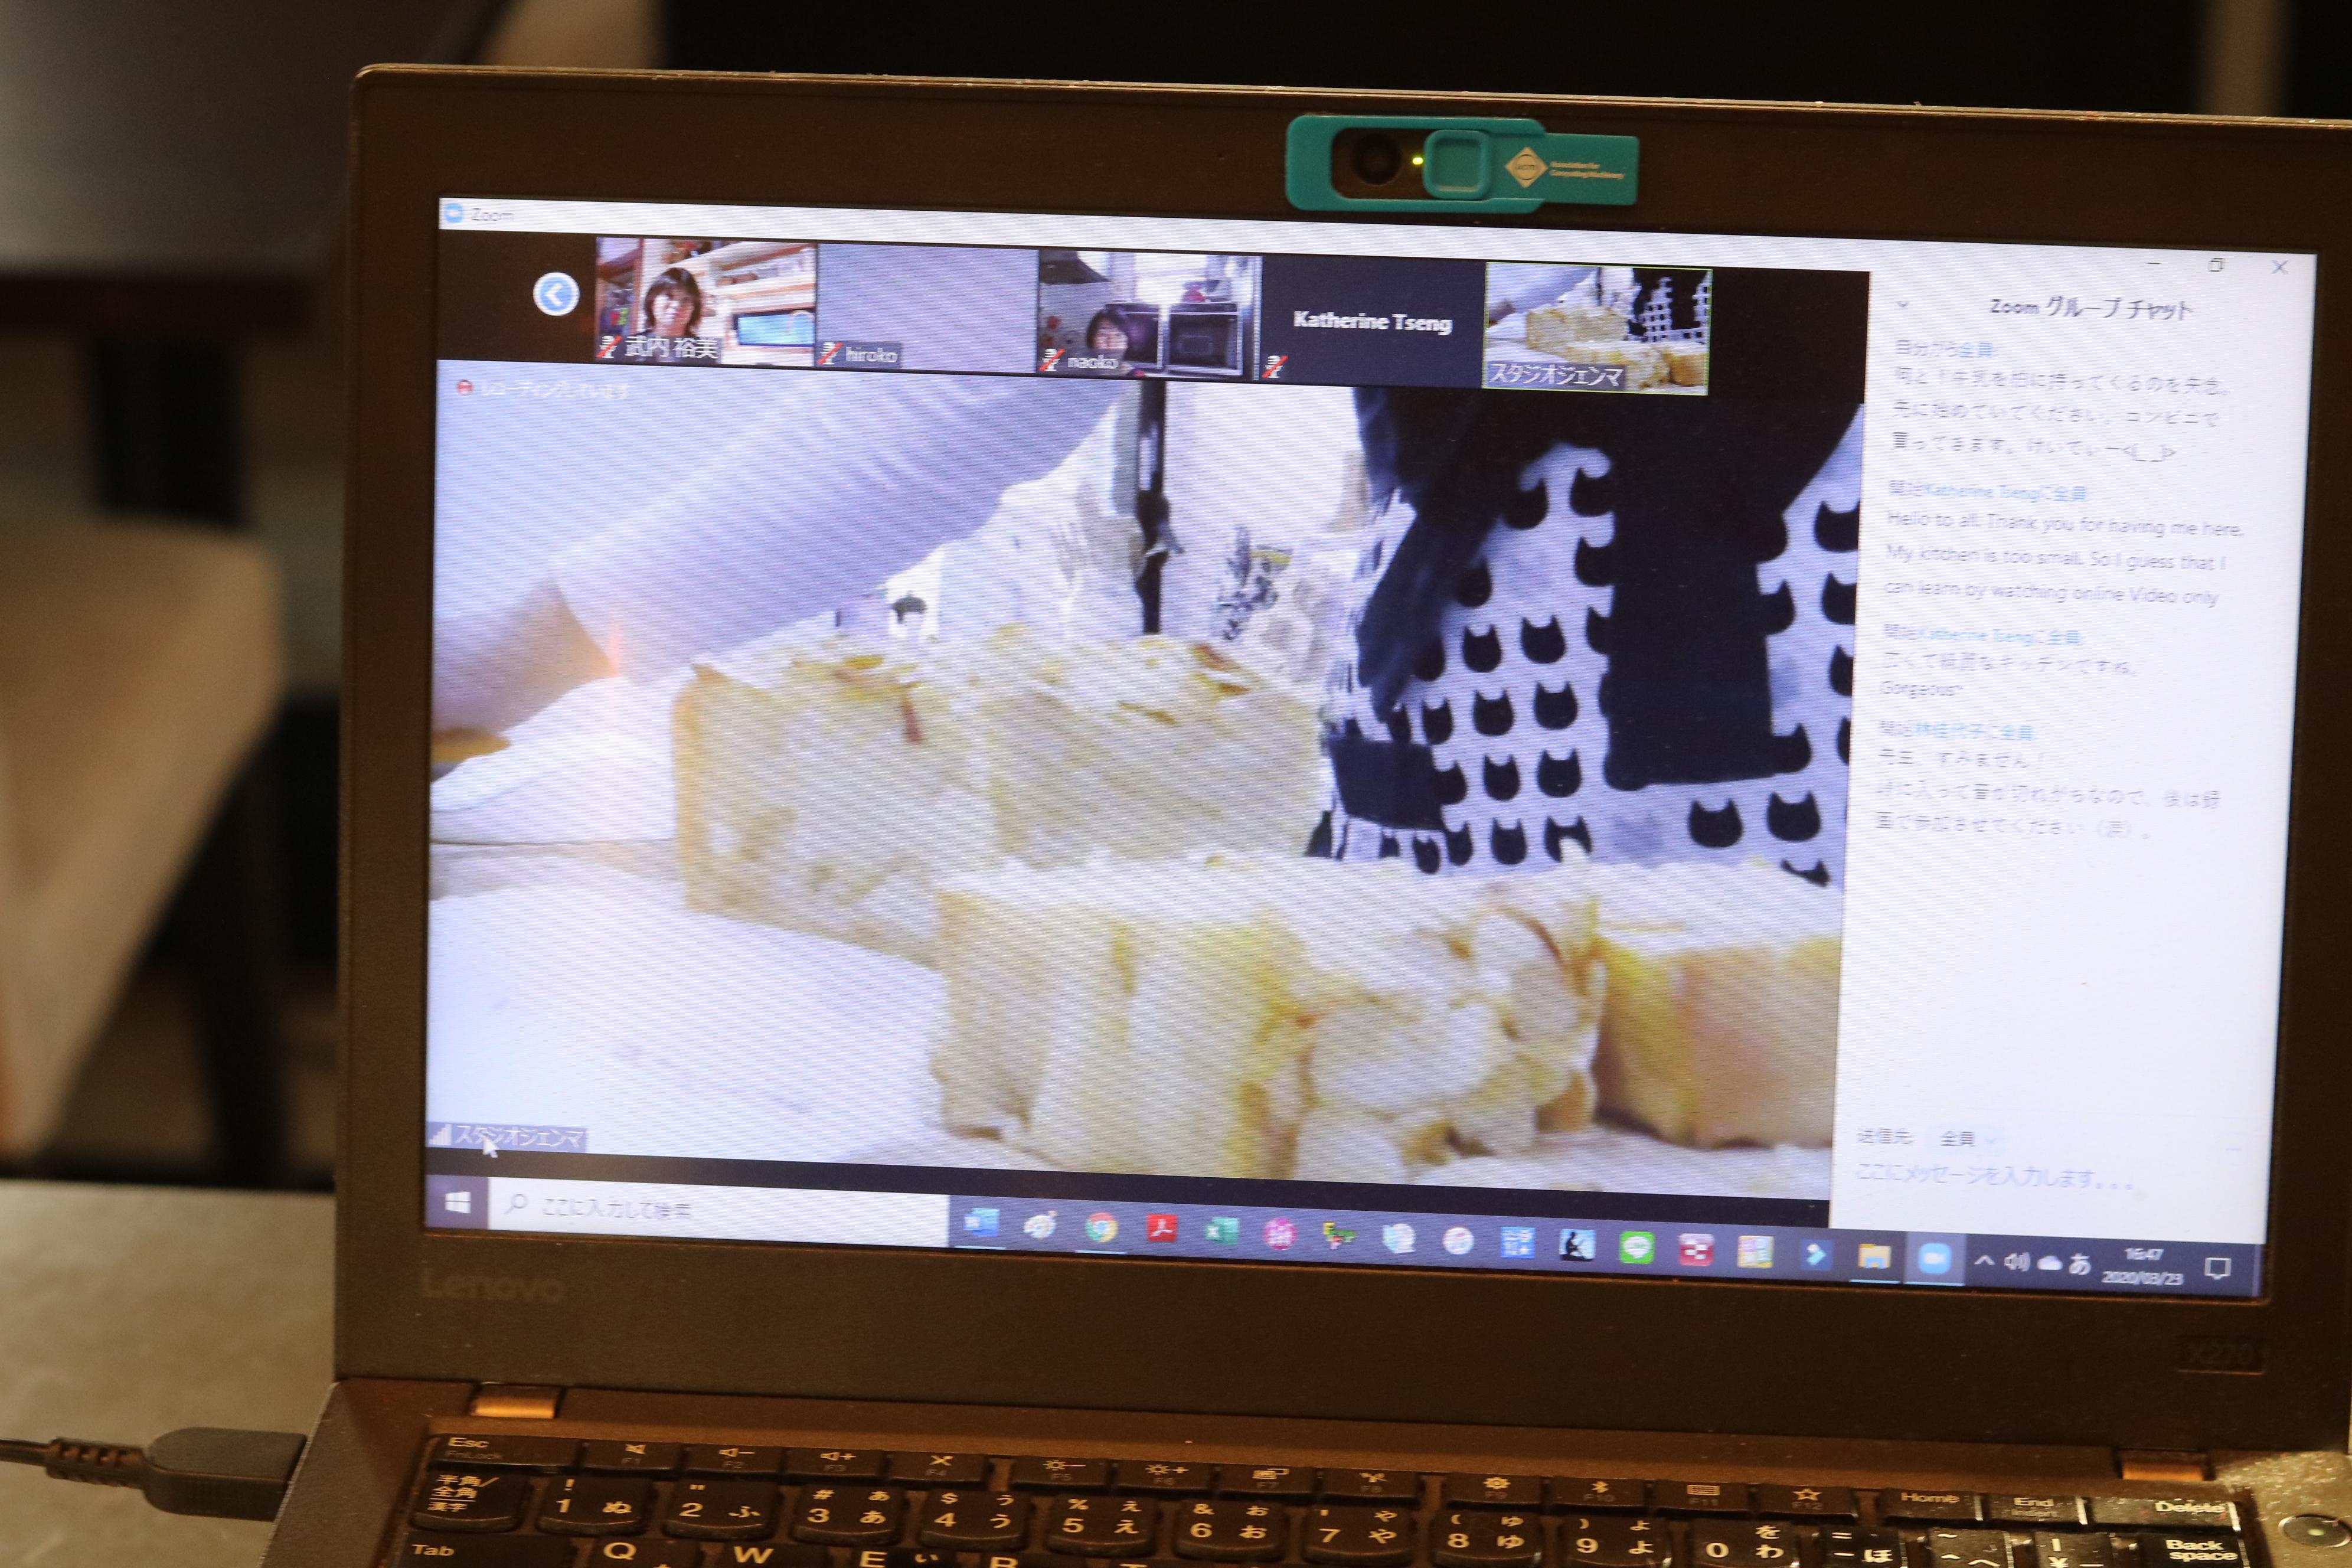 オンラインお菓子教室で手元作業の説明